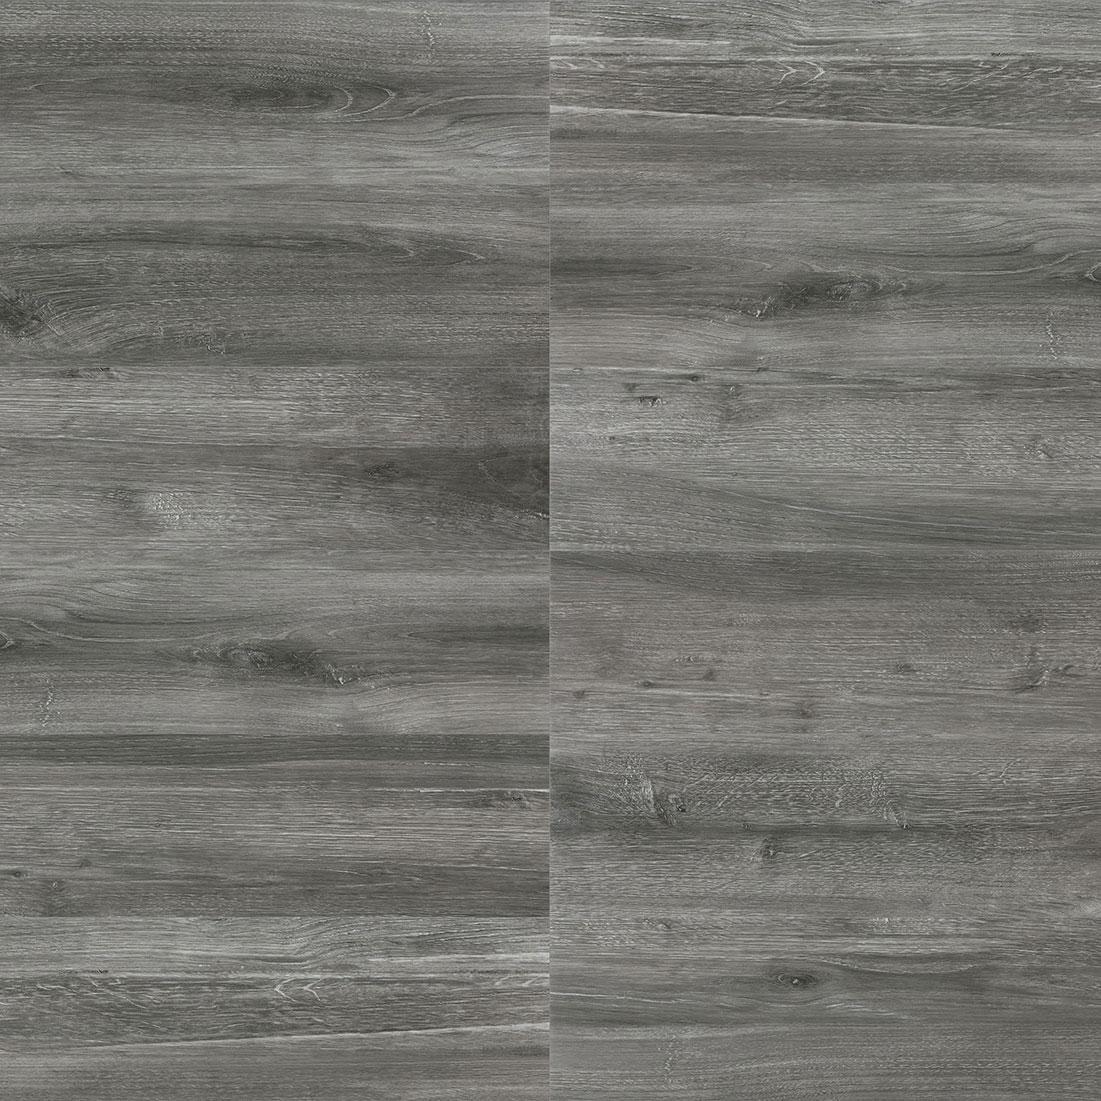 220x850mm Atelier Ceniza Spanish Matt Porcelain Floor Tile 5306